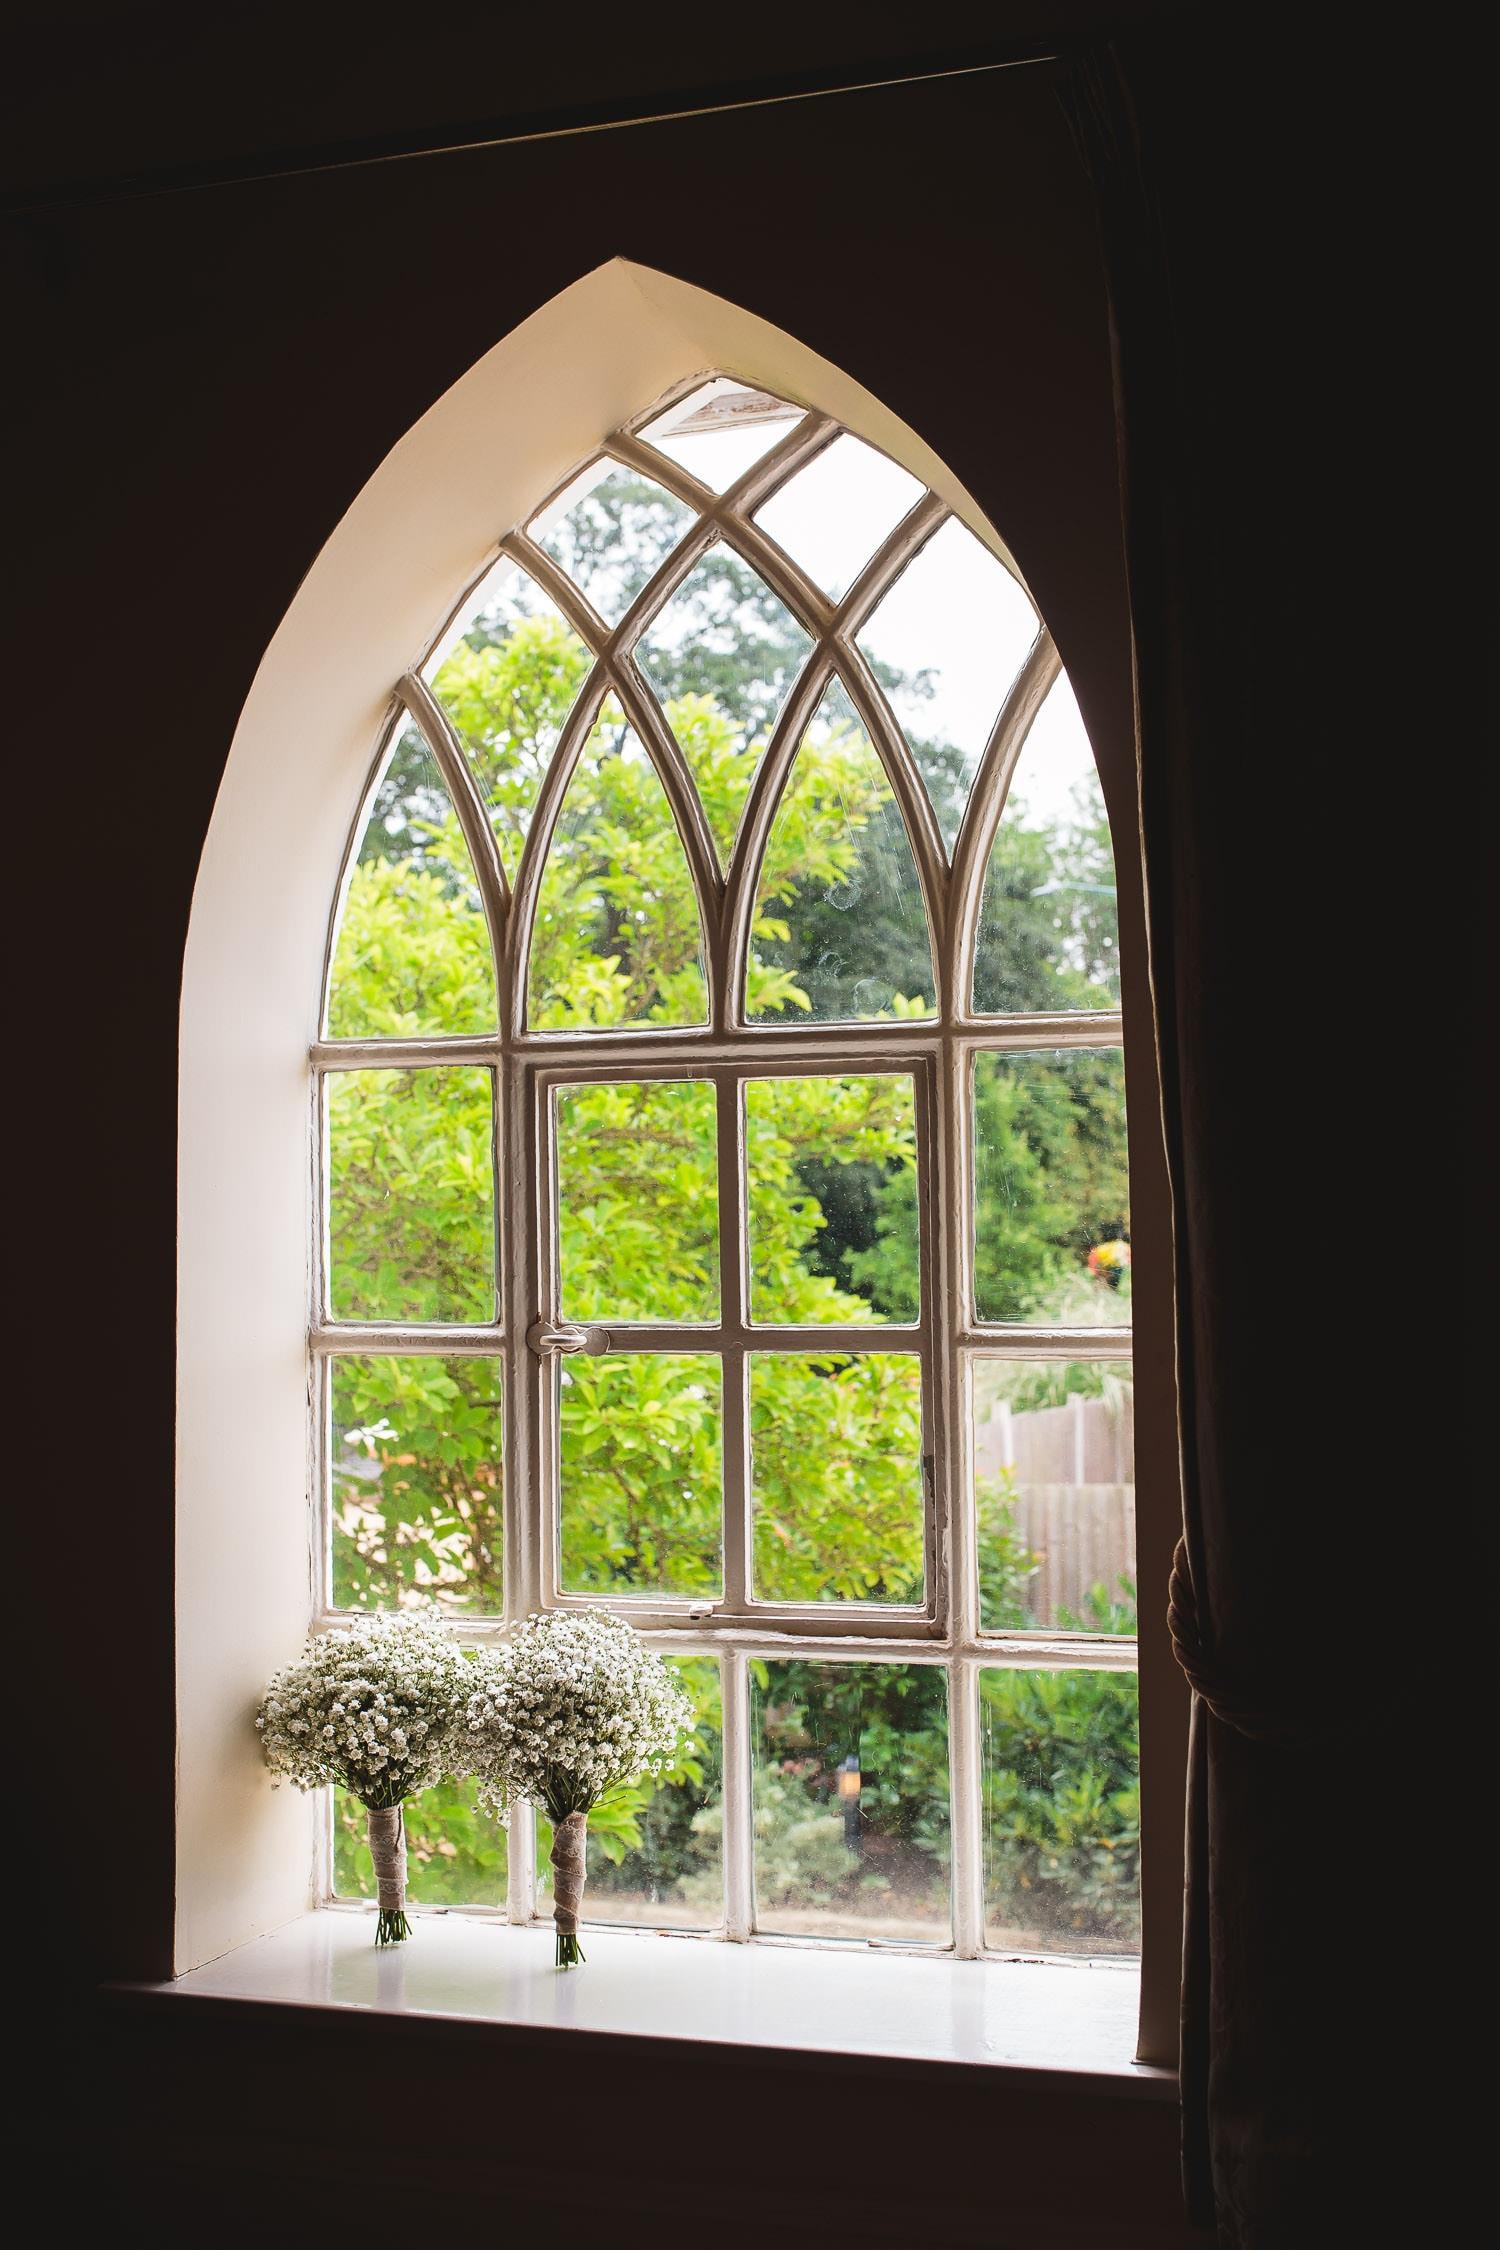 babys breath boquest backlit by window in warwick house wedding venue